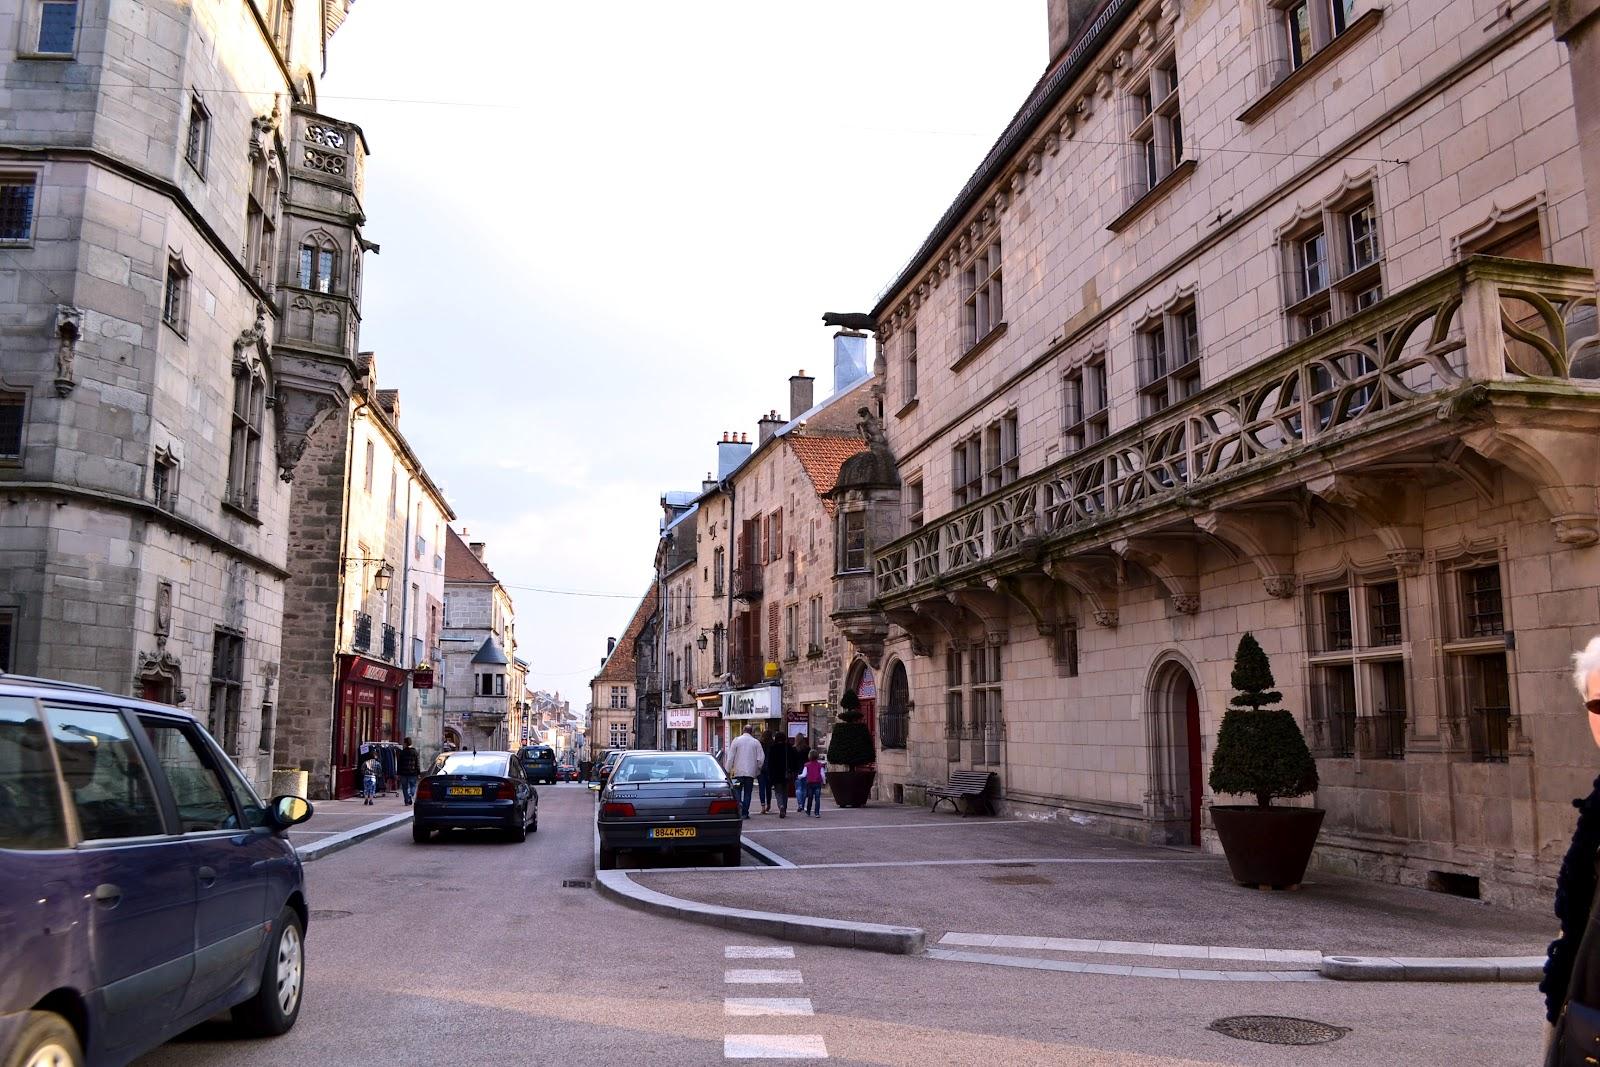 el caminante sigue su camino randonneur luxeuil